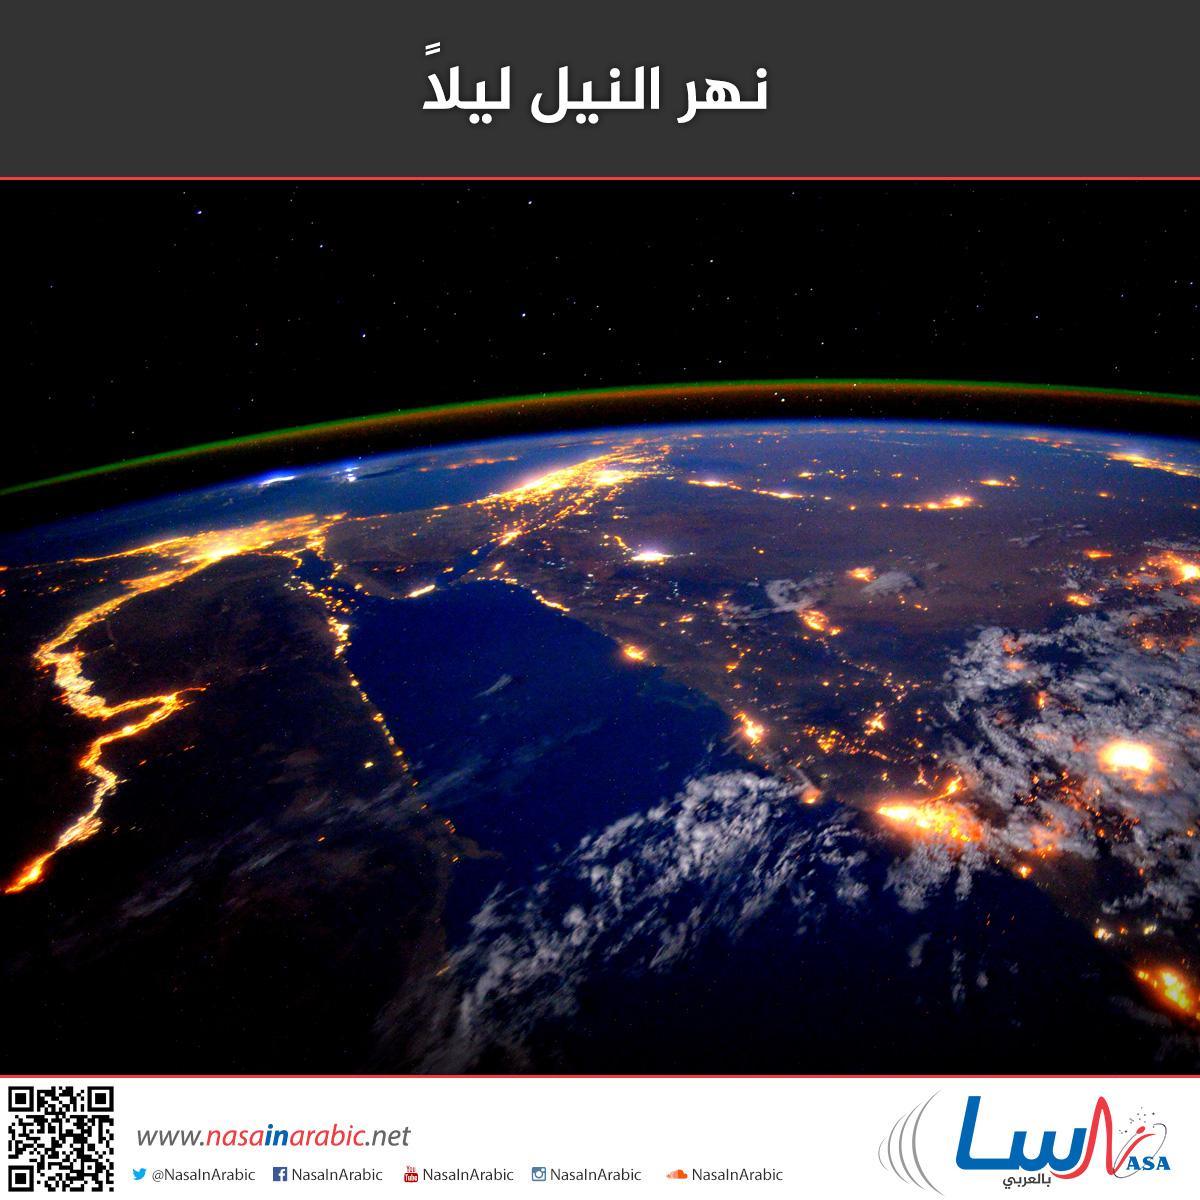 نهر النيل ليلاً